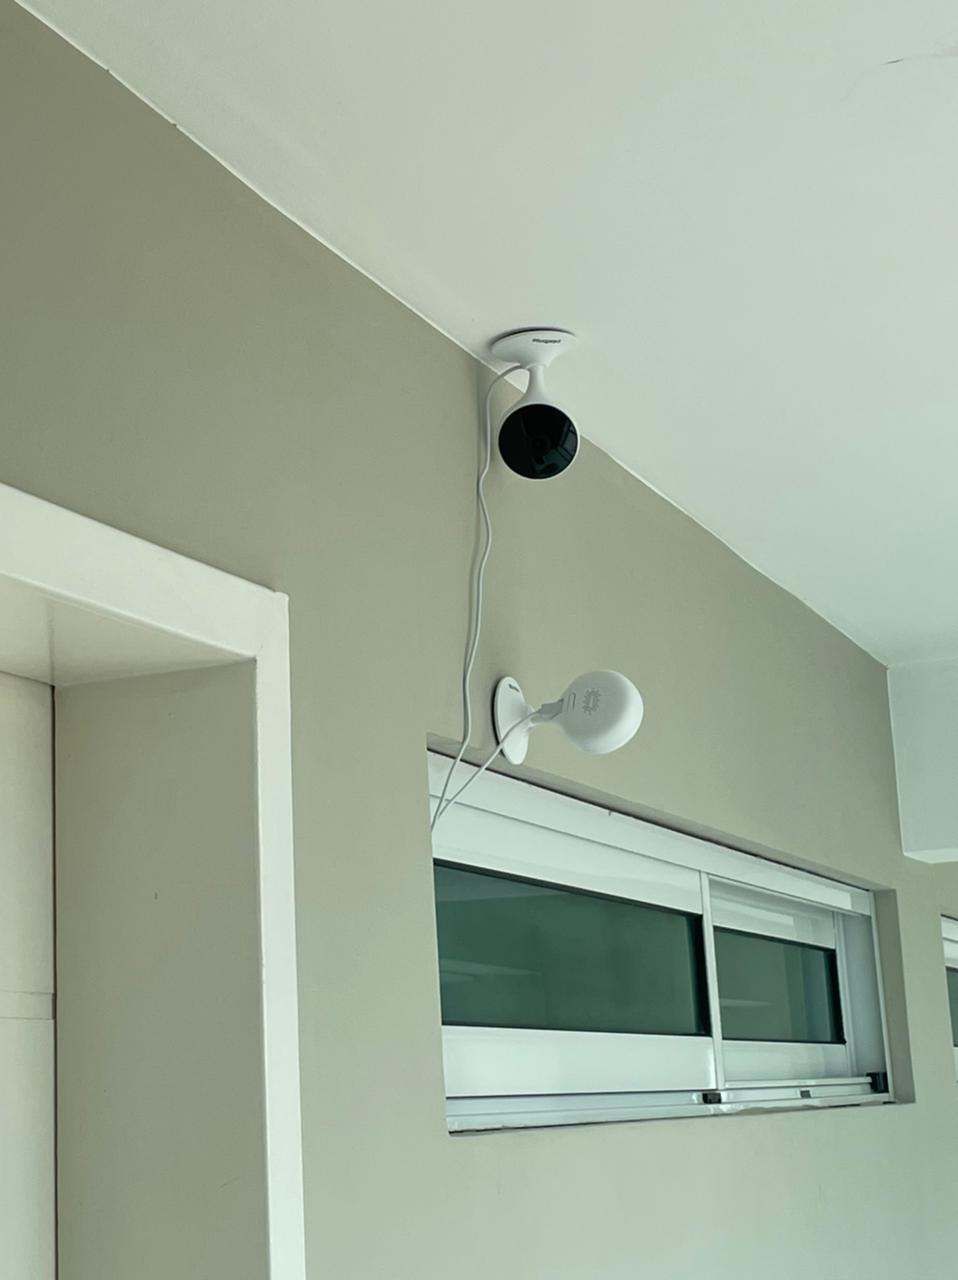 IMG-20210504-WA0044 BAIXARIA CONTINUA NO JARDINS DO ALTO: Advogado rebate versão que jogou ovo e confirma que arrancou câmera de segurança de vizinho